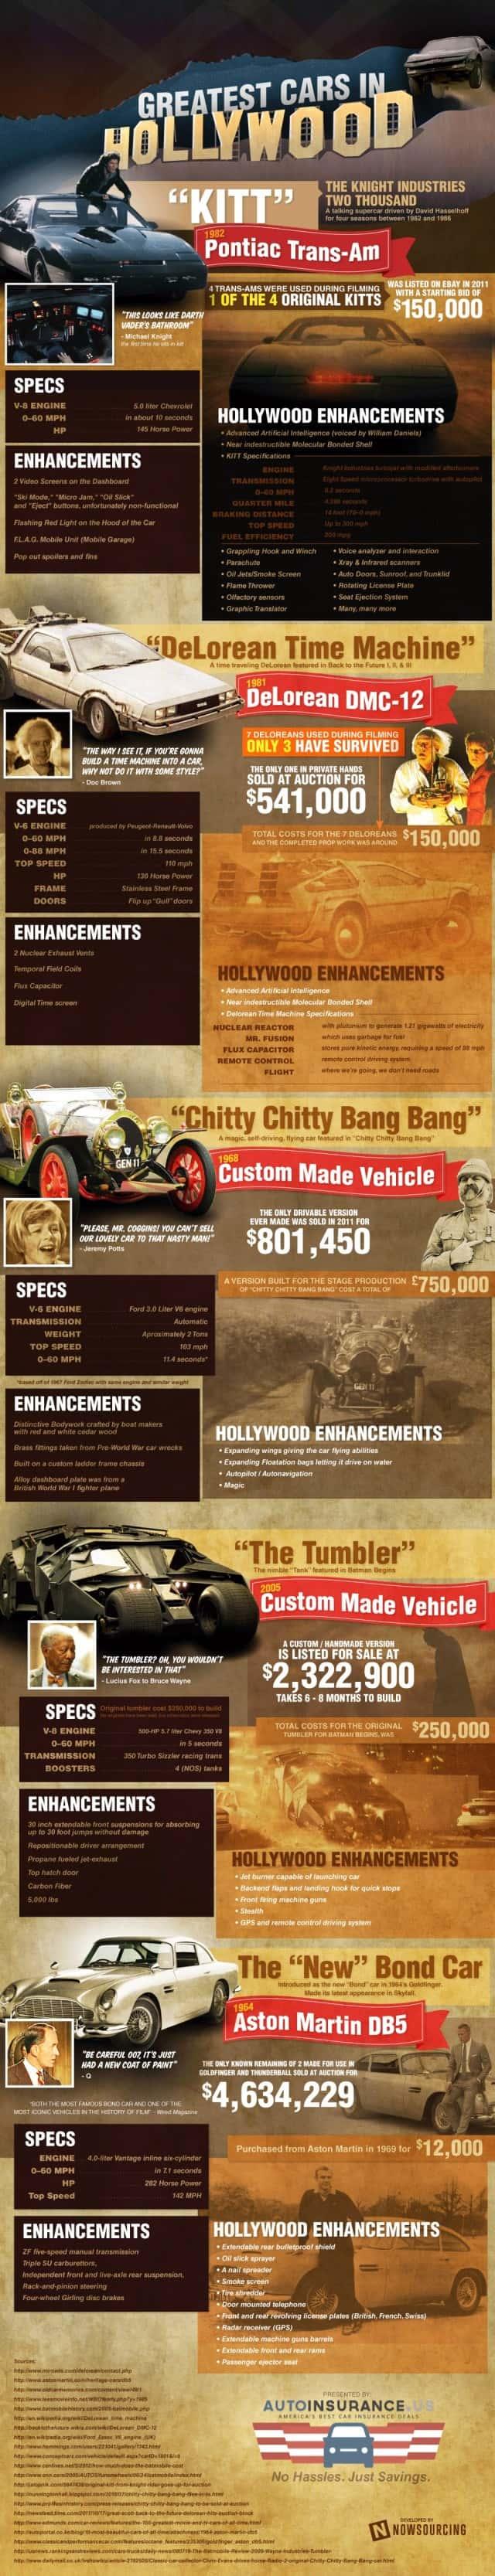 Greatest Hollywood Cars